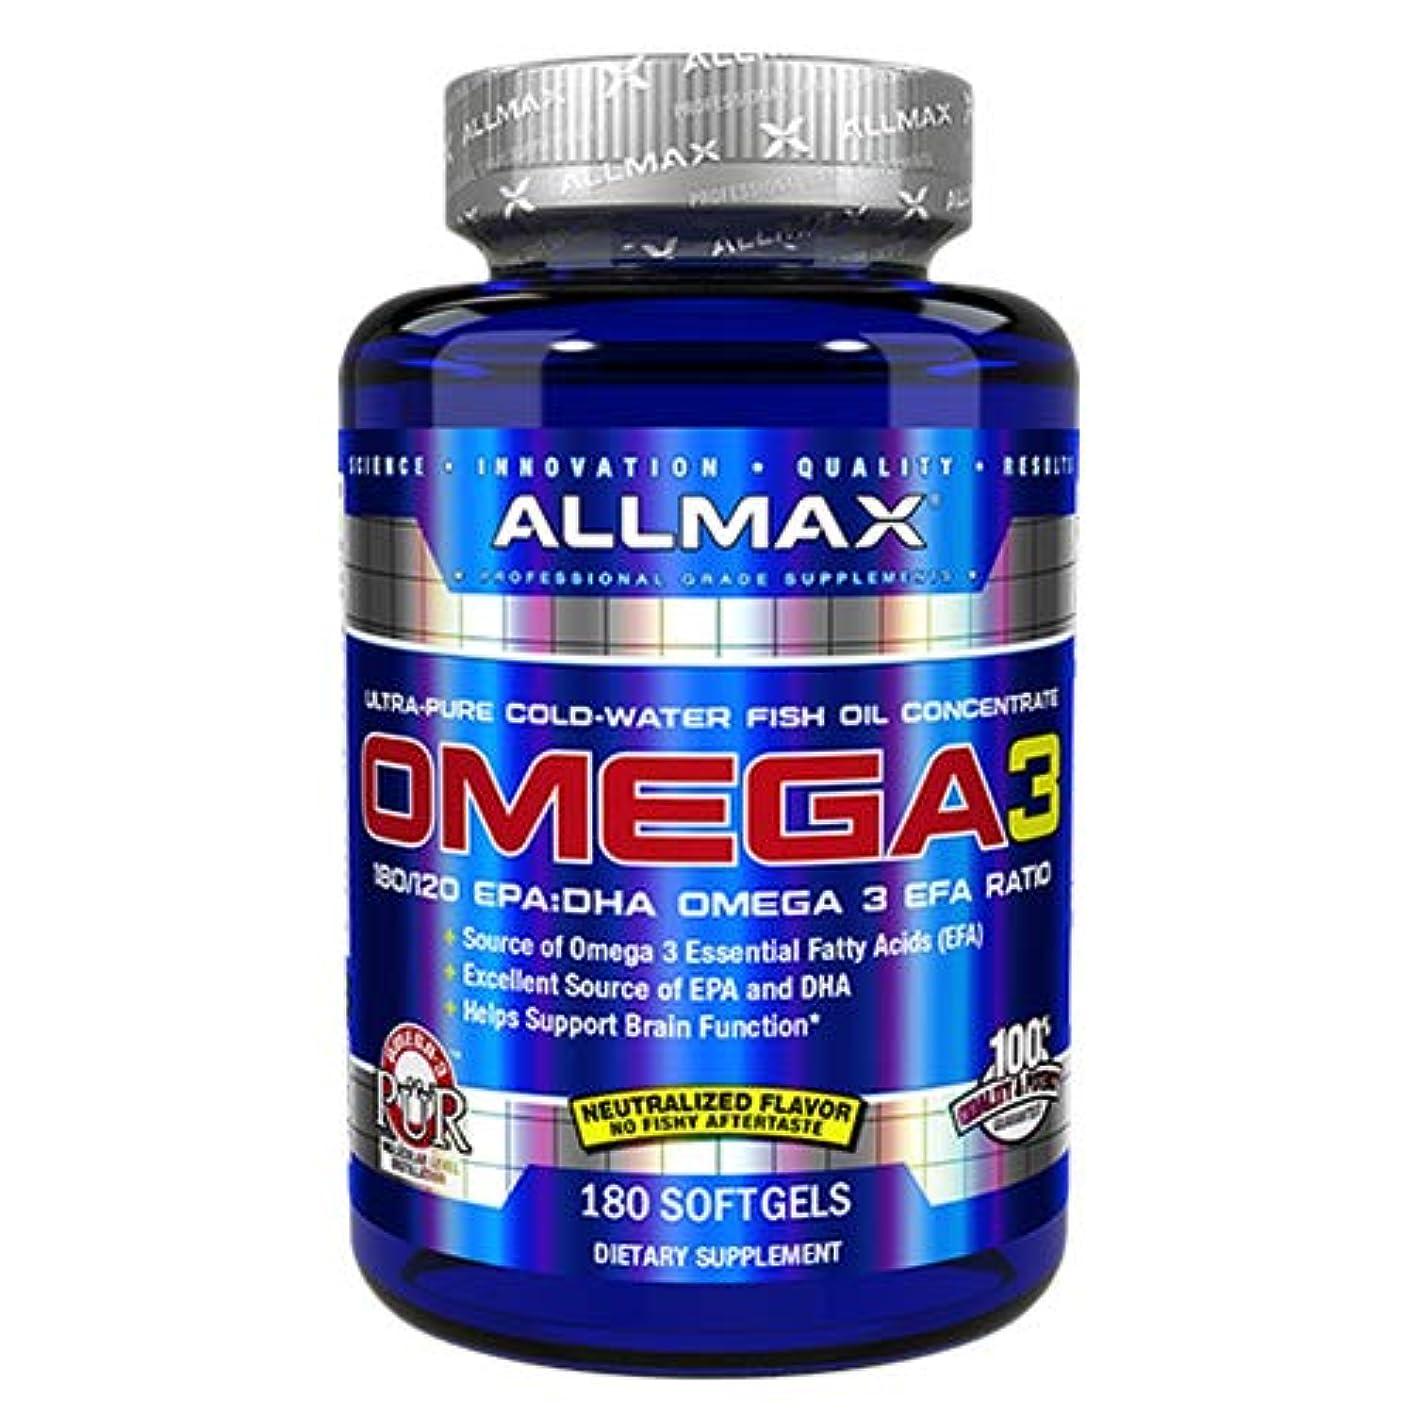 心配する意気込み有用オメガ3 1000mg 180粒 Allmax Nutrition(オールマックスニュートリション)[海外直送品]